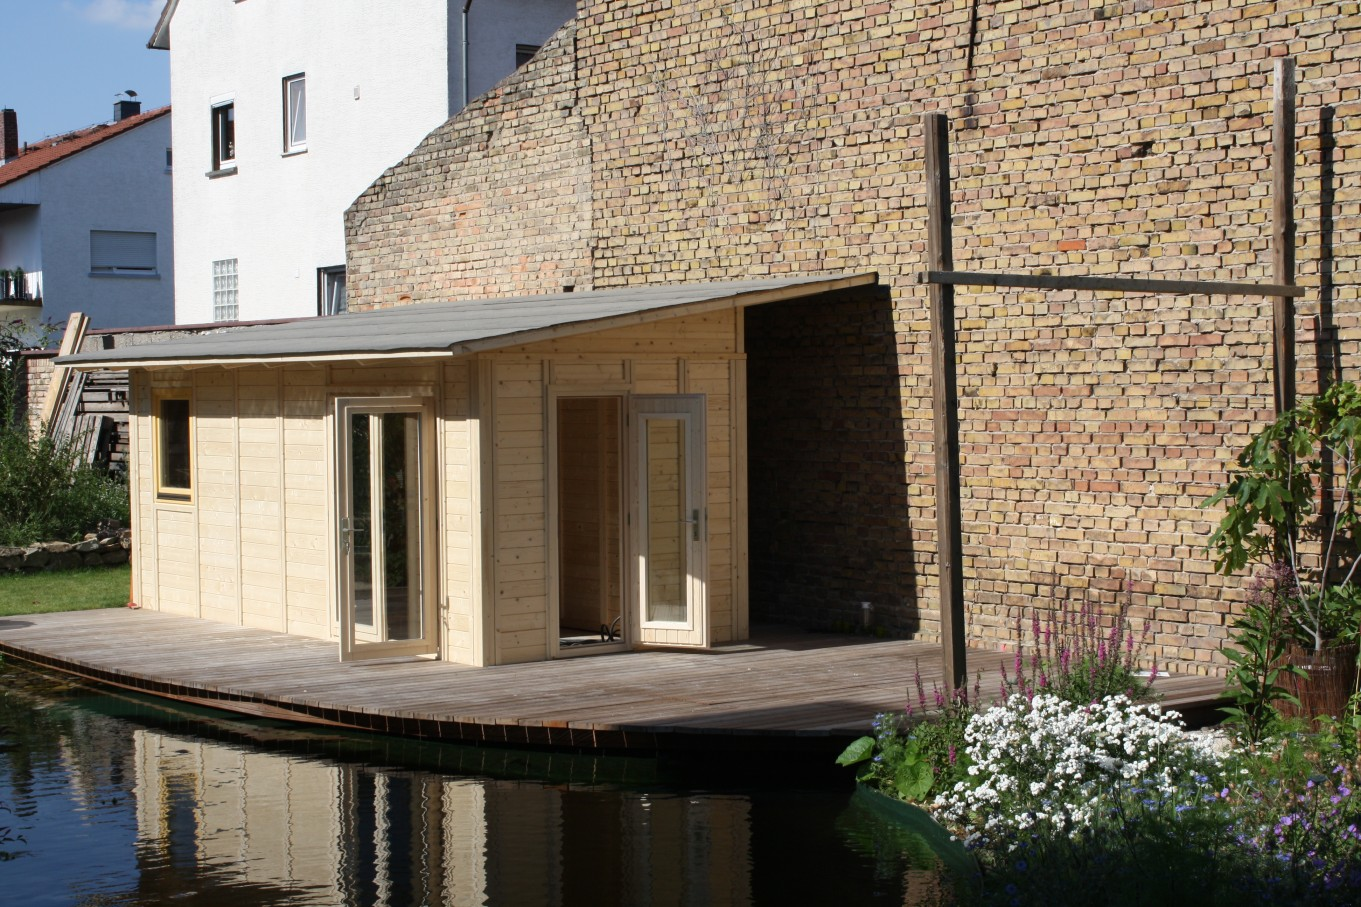 Gartensauna von Wille- Foto von Kundenobjekt